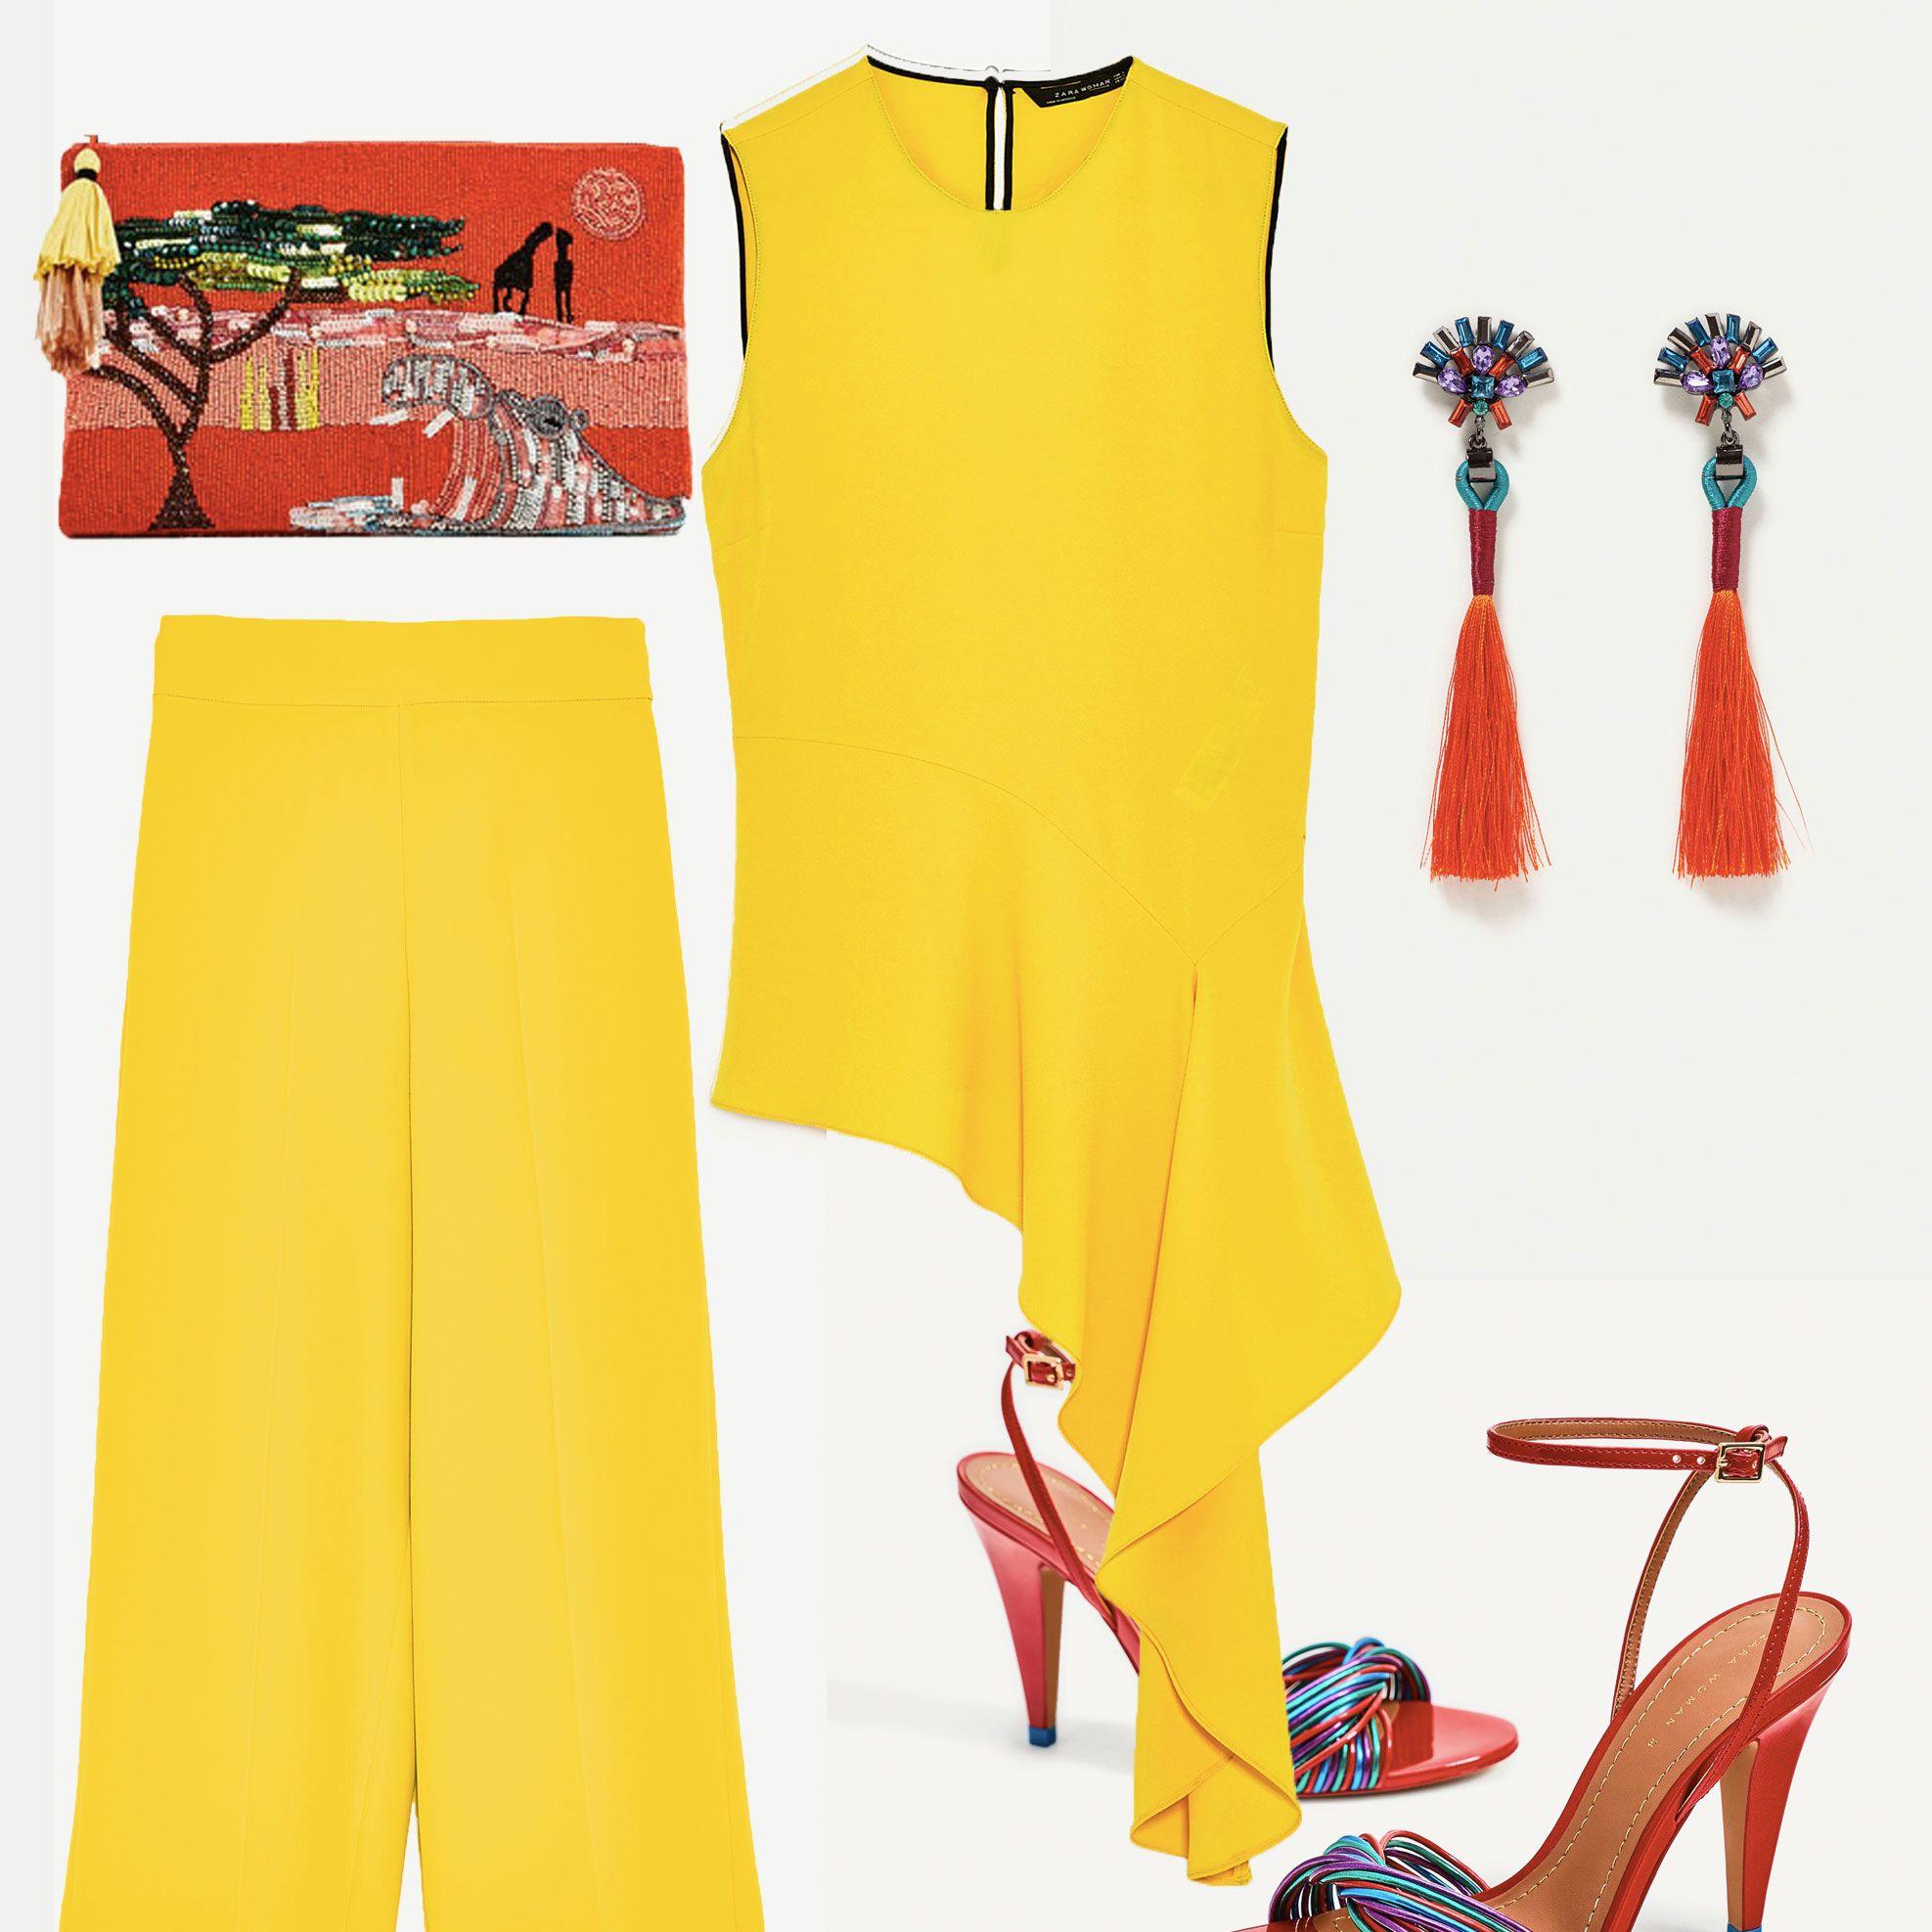 Zara wedding outfit